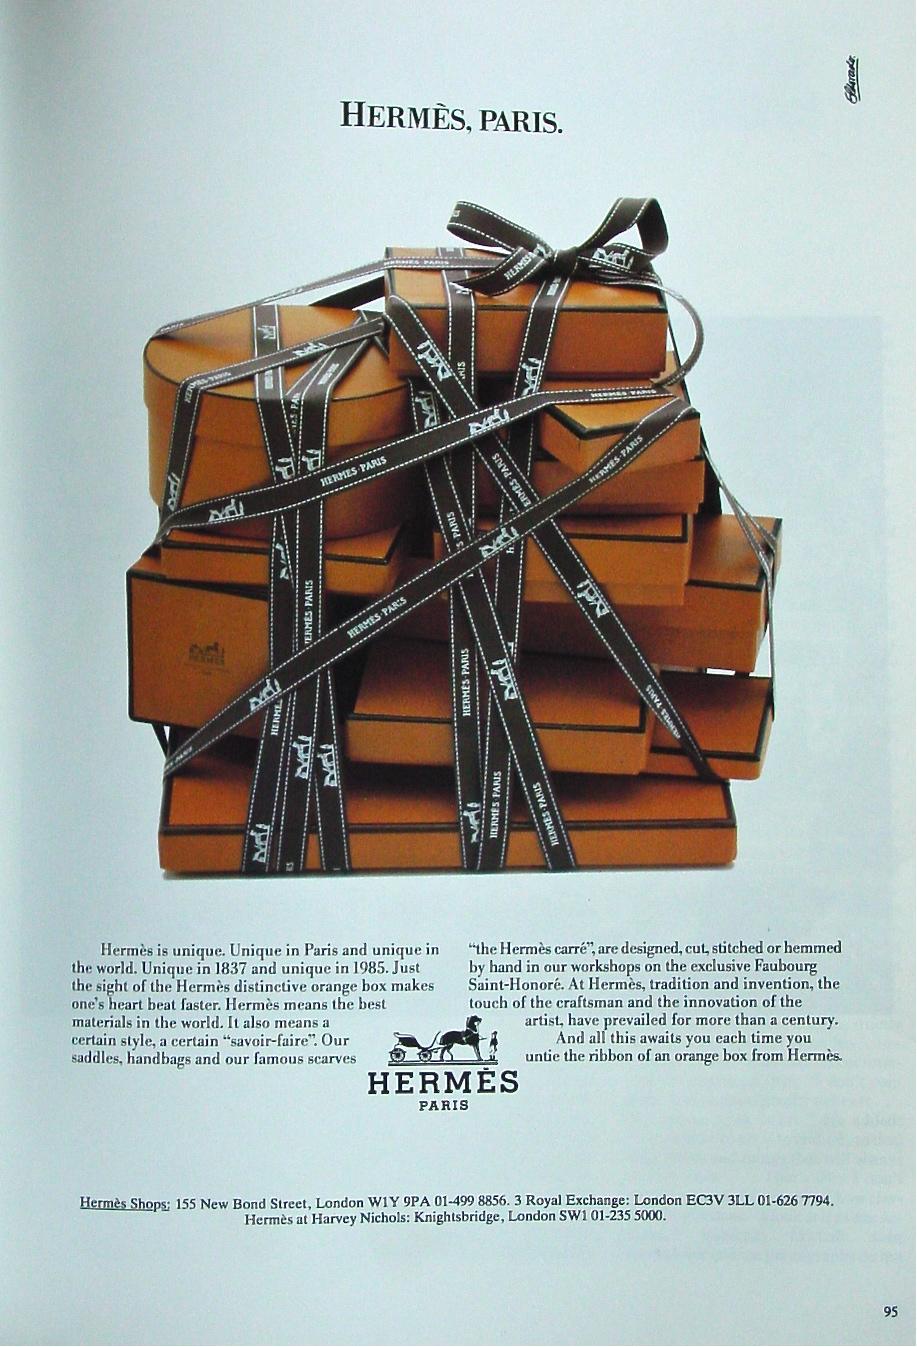 Metafore equine nella pubblicità Hermès | Società, ATLANTE